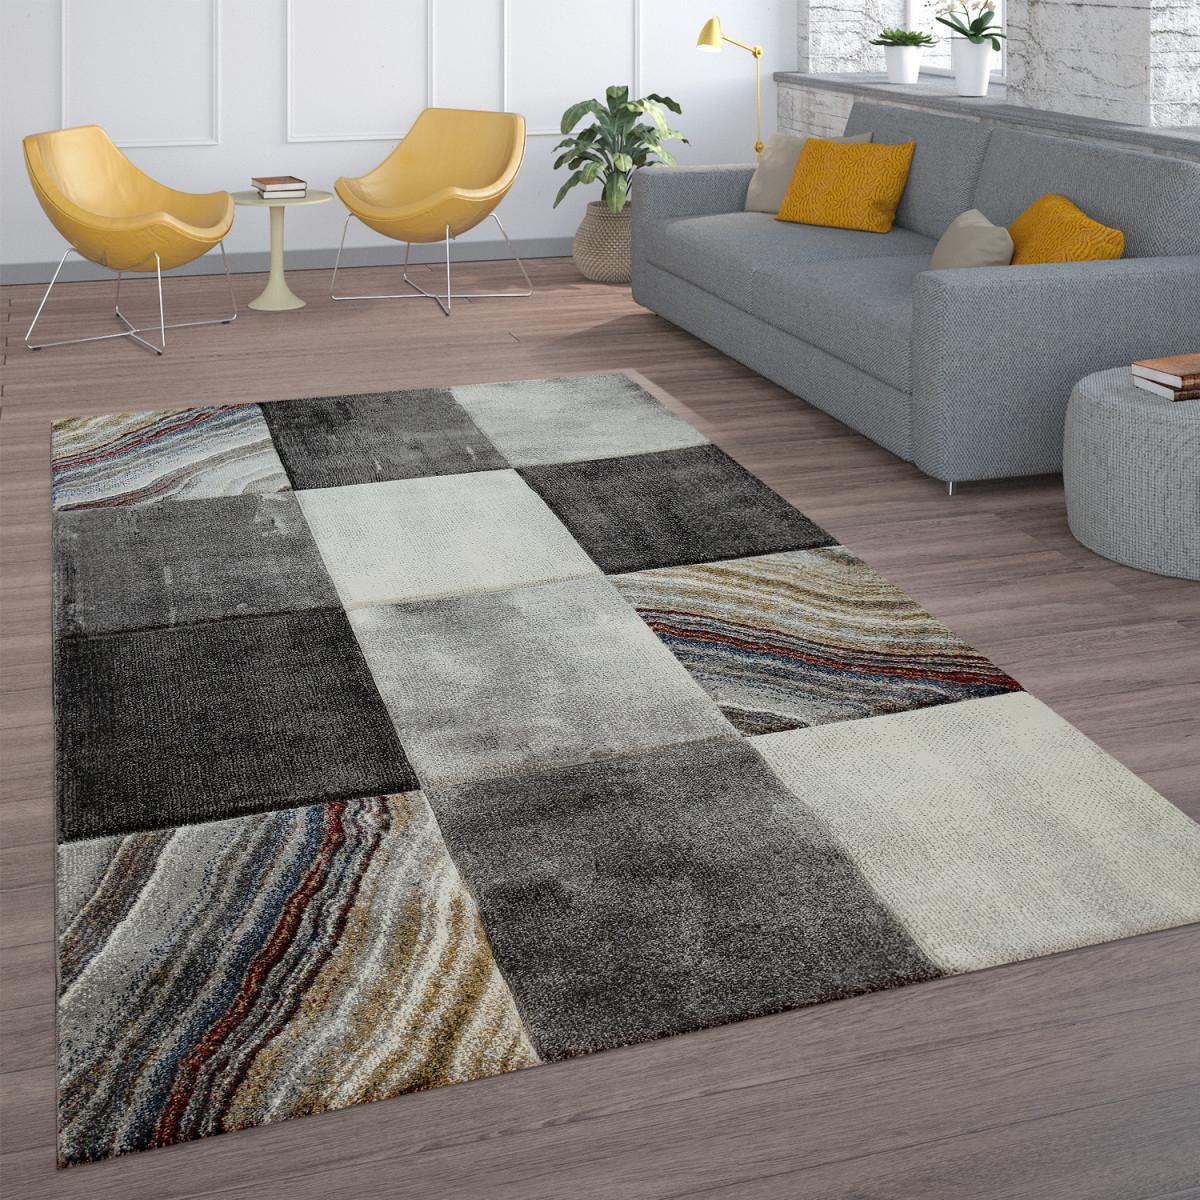 Teppich Kurzflor Grau Creme Modern Blumen Blätter Karo von Teppich Vorleger Wohnzimmer Bild